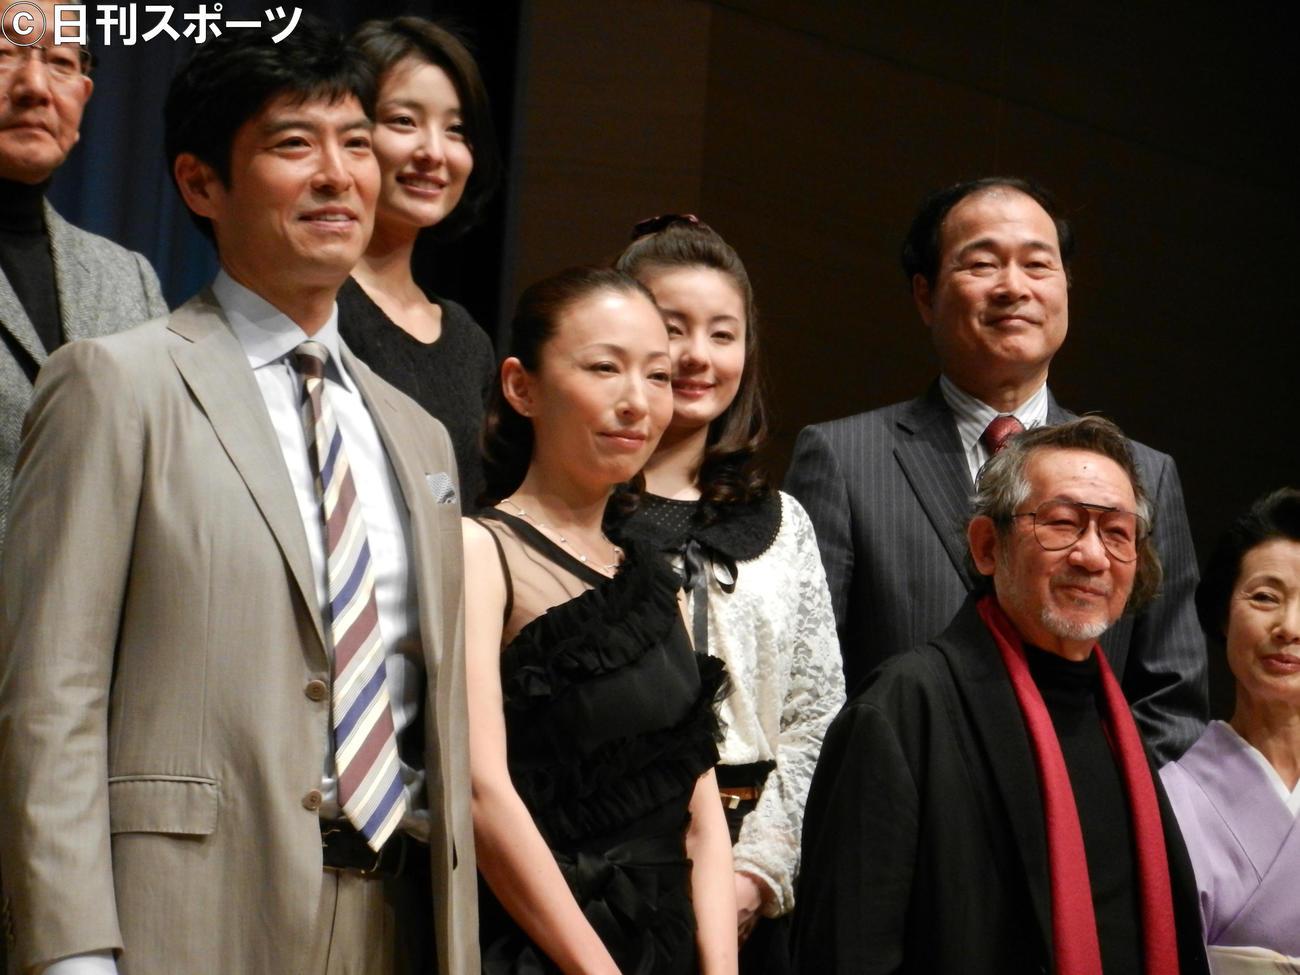 映画「この空の花 長岡花火物語」完成披露試写会に出席した、左から高嶋政宏、松雪泰子、大林宣彦監督(2012年2月24日撮影)